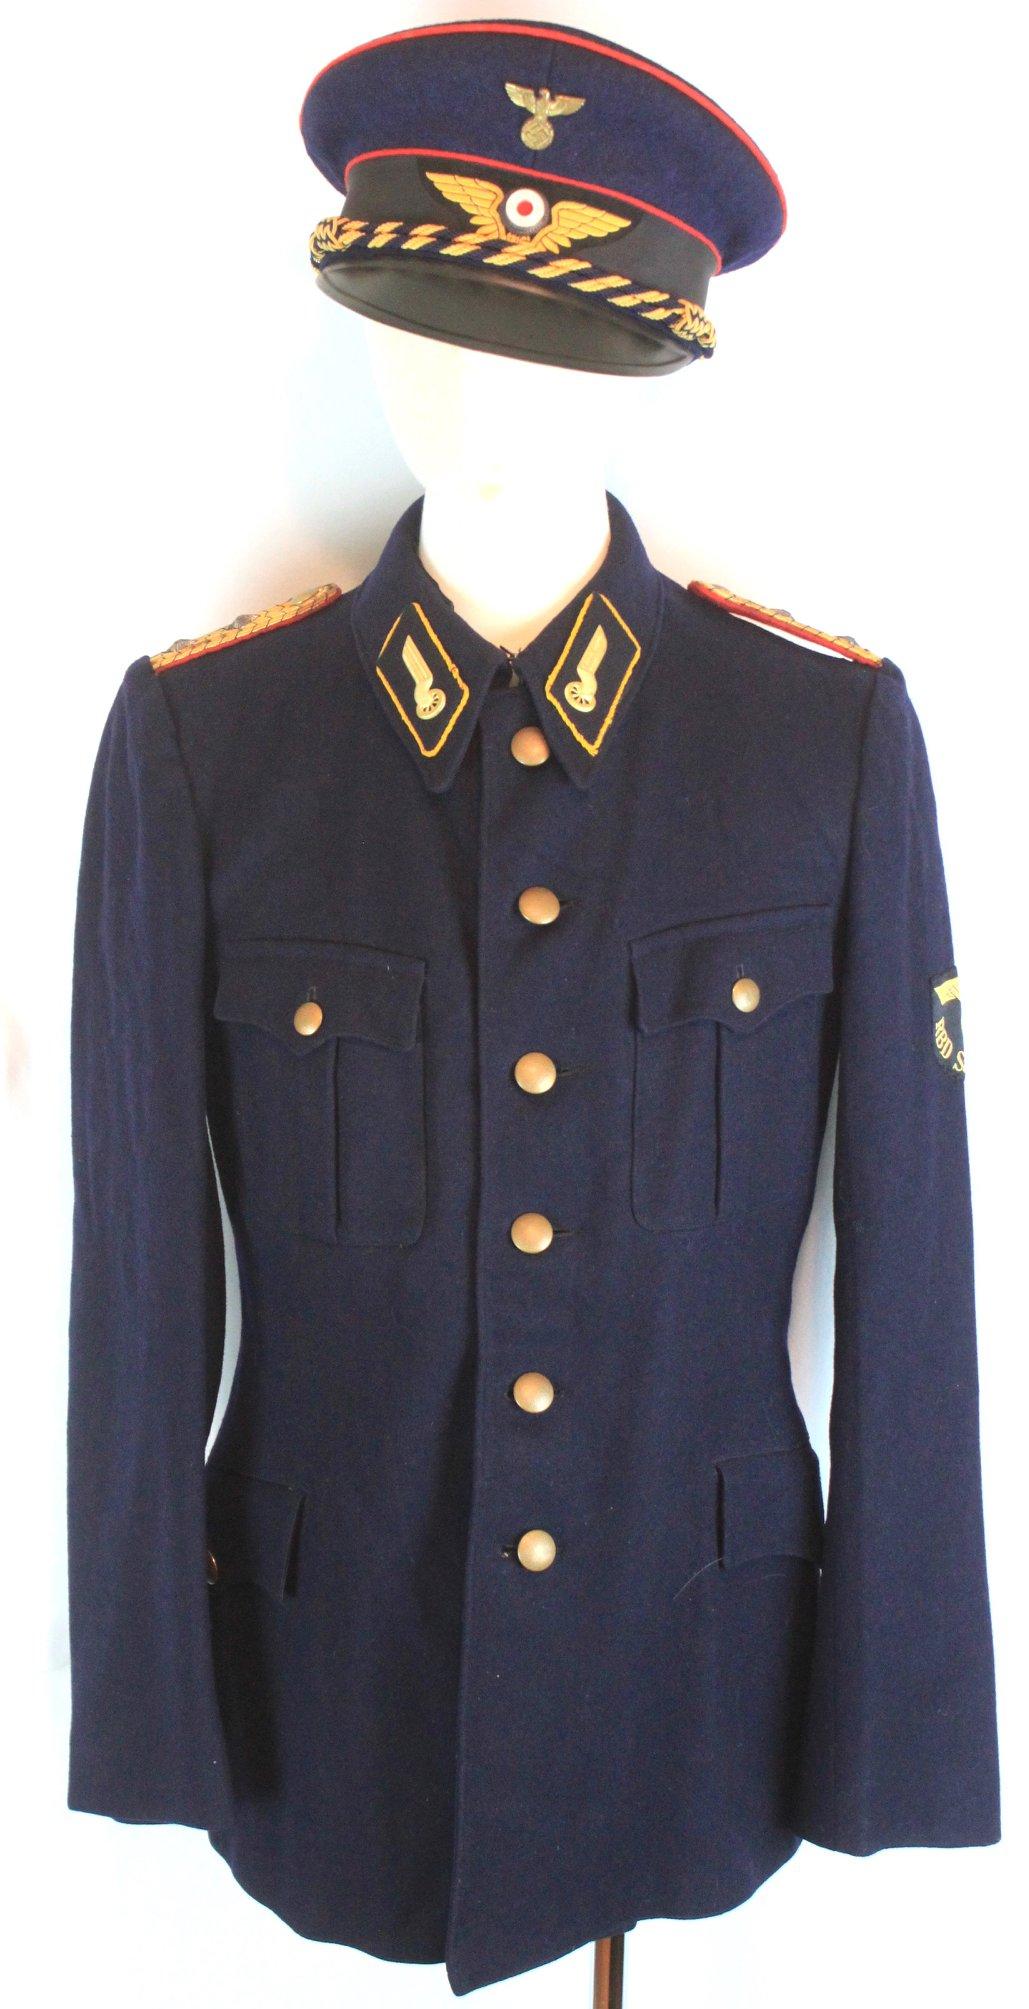 [已售出 SOLD] 二戰德國國鐵信號官制服組